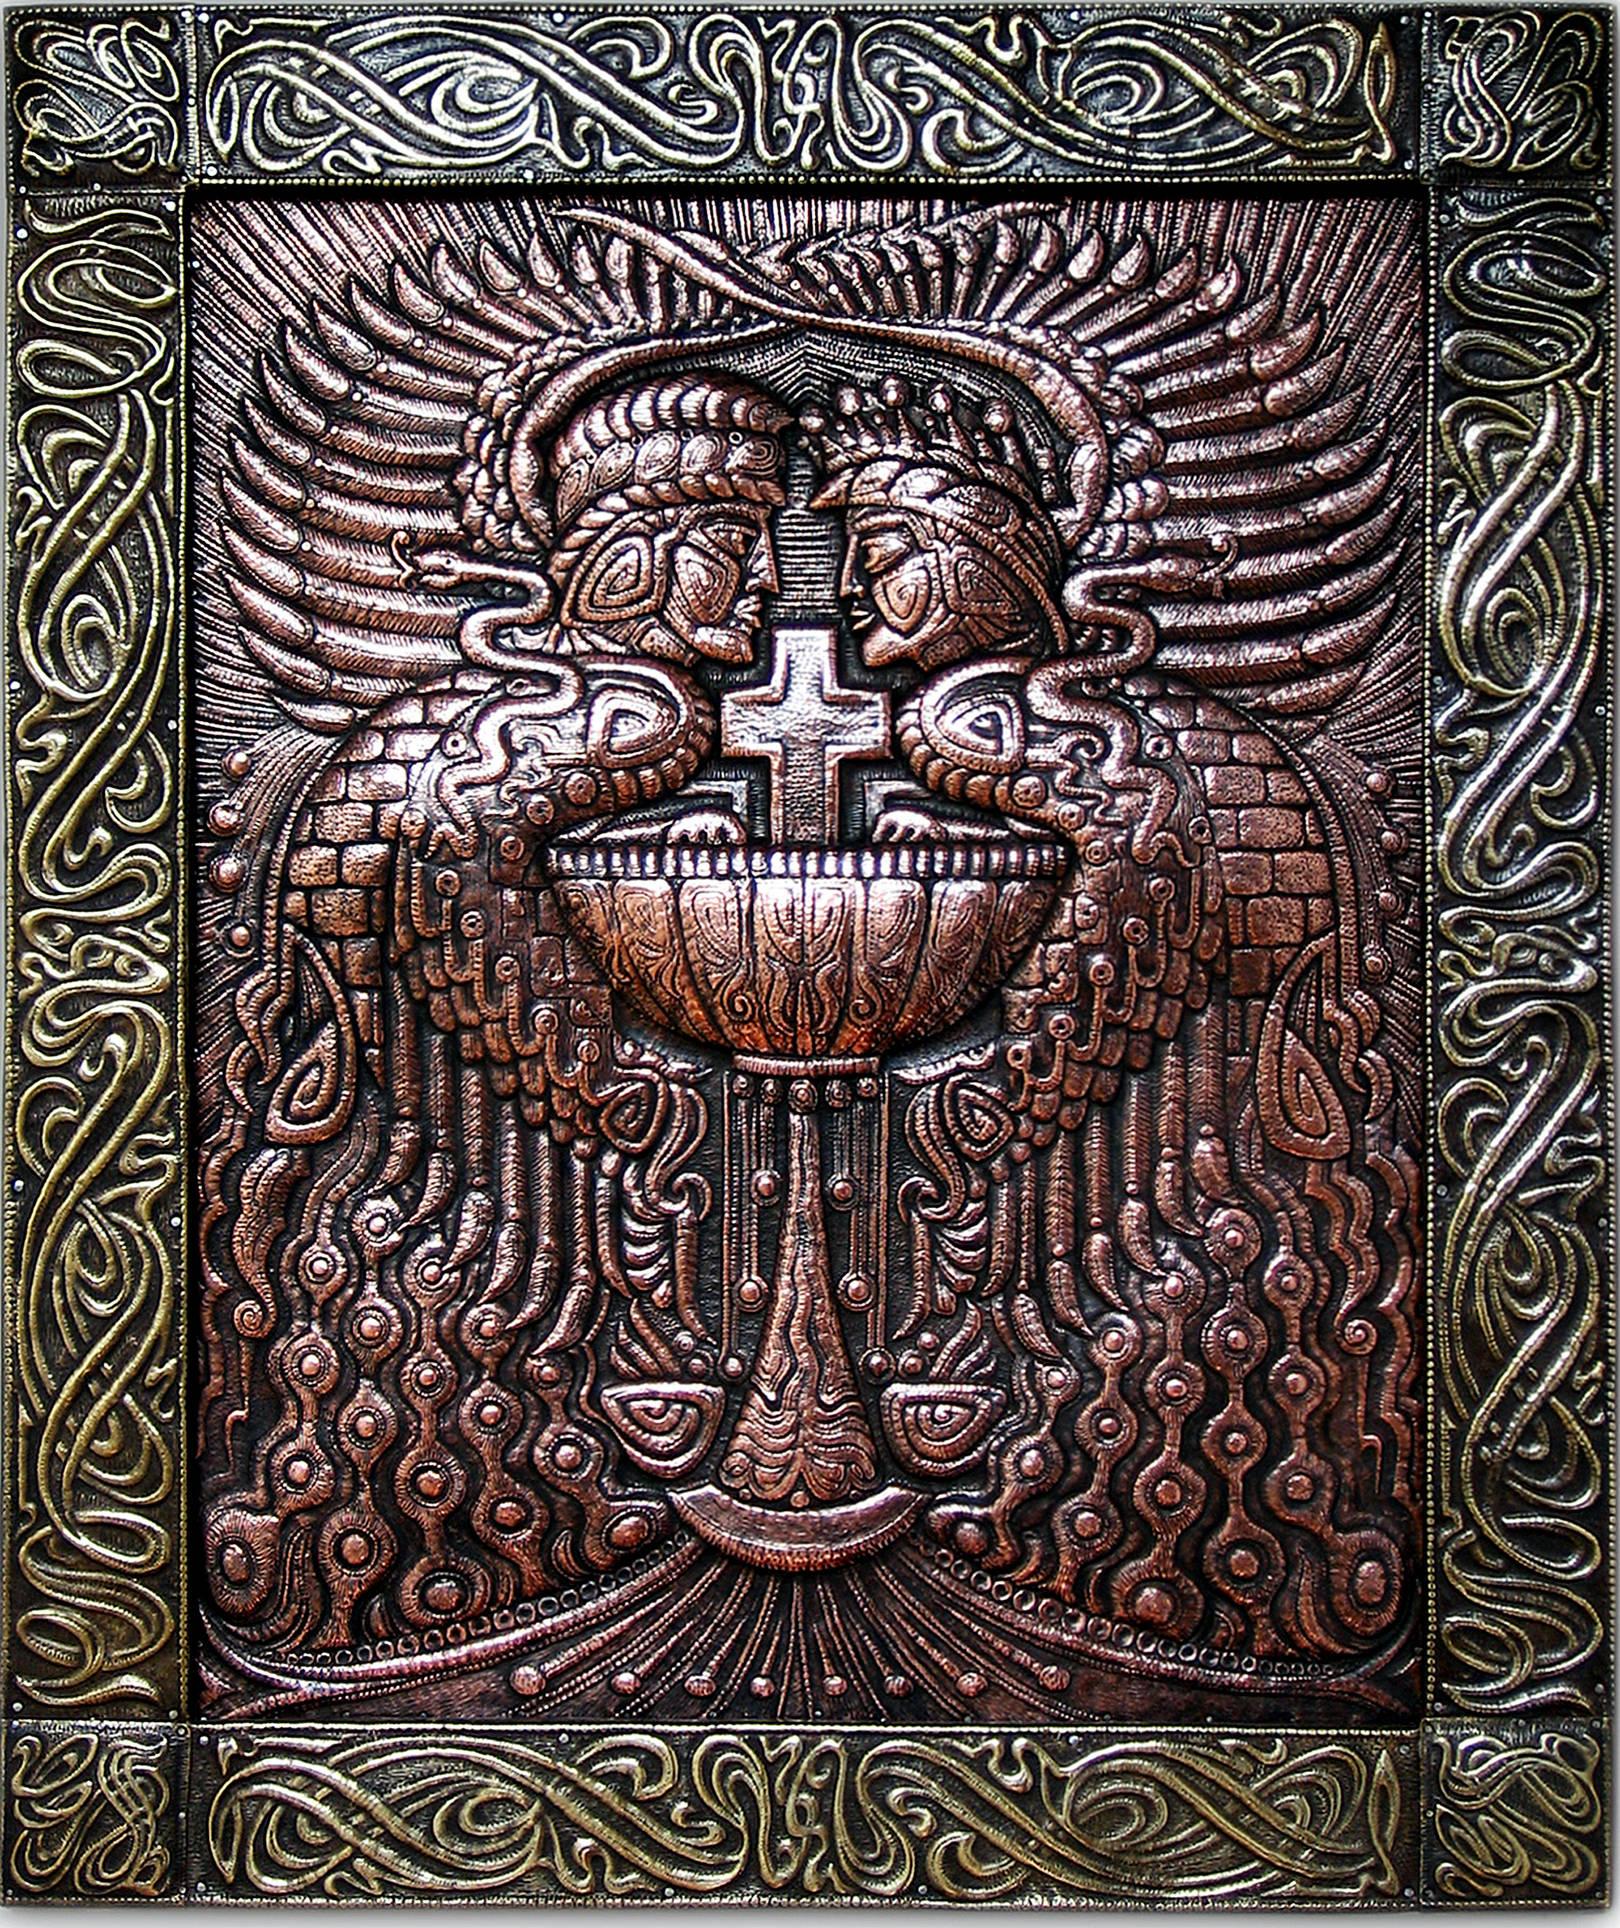 """Стражи святого Грааля (панно из триптиха """"Мистический"""" ) 2004 г. Медь, латунь; чернение 76 х 63 см"""